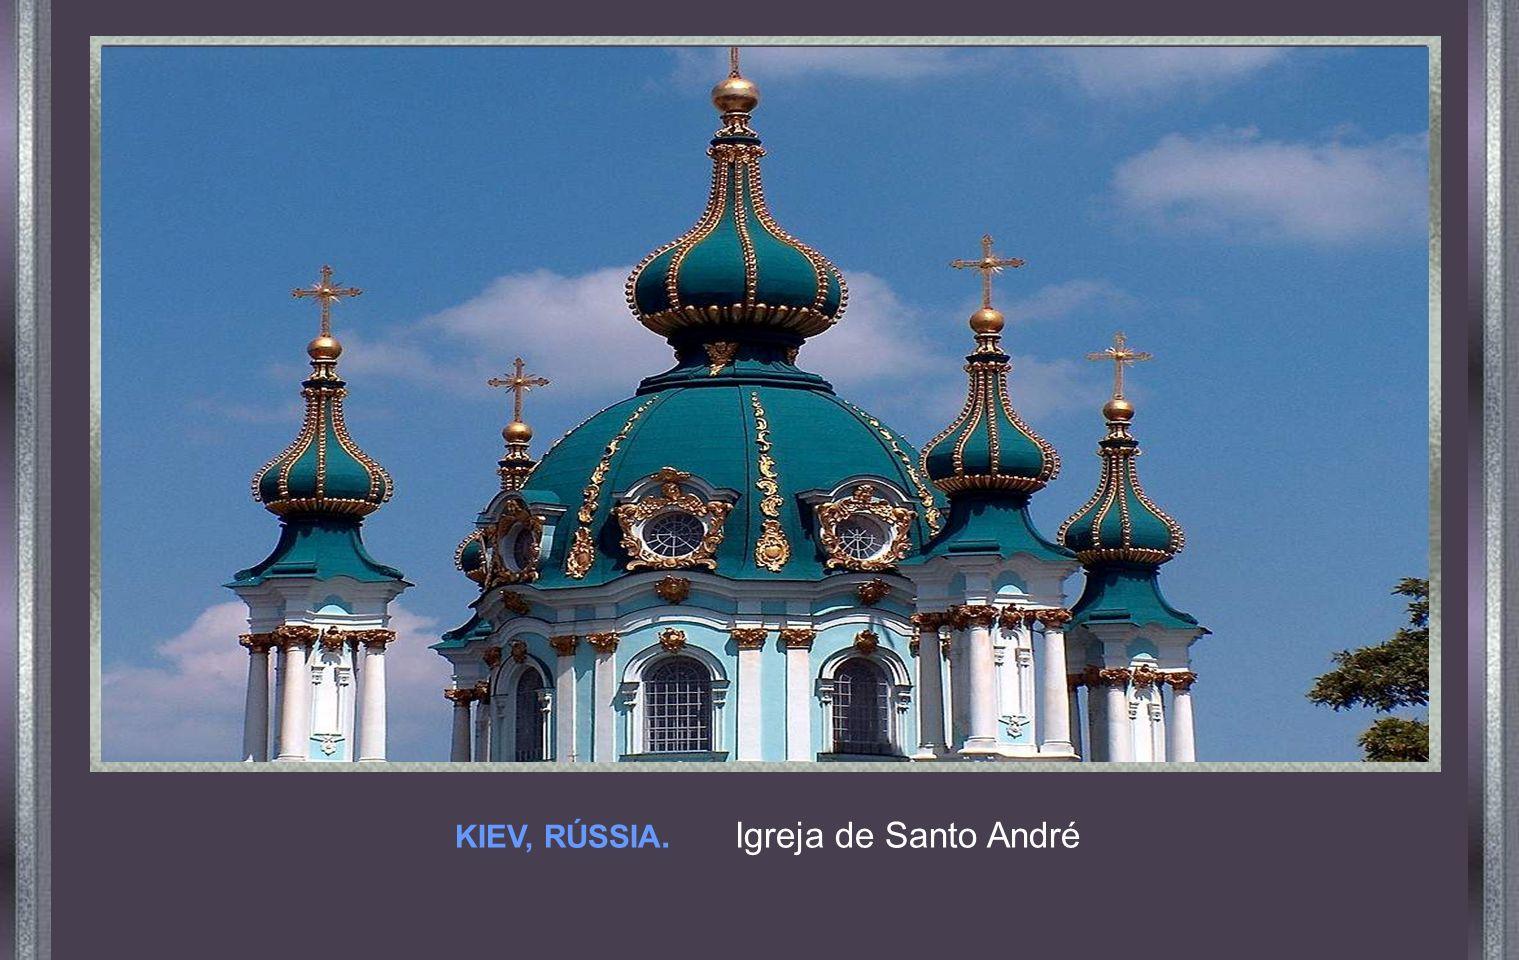 KIEV, RÚSSIA. Igreja de Santo André